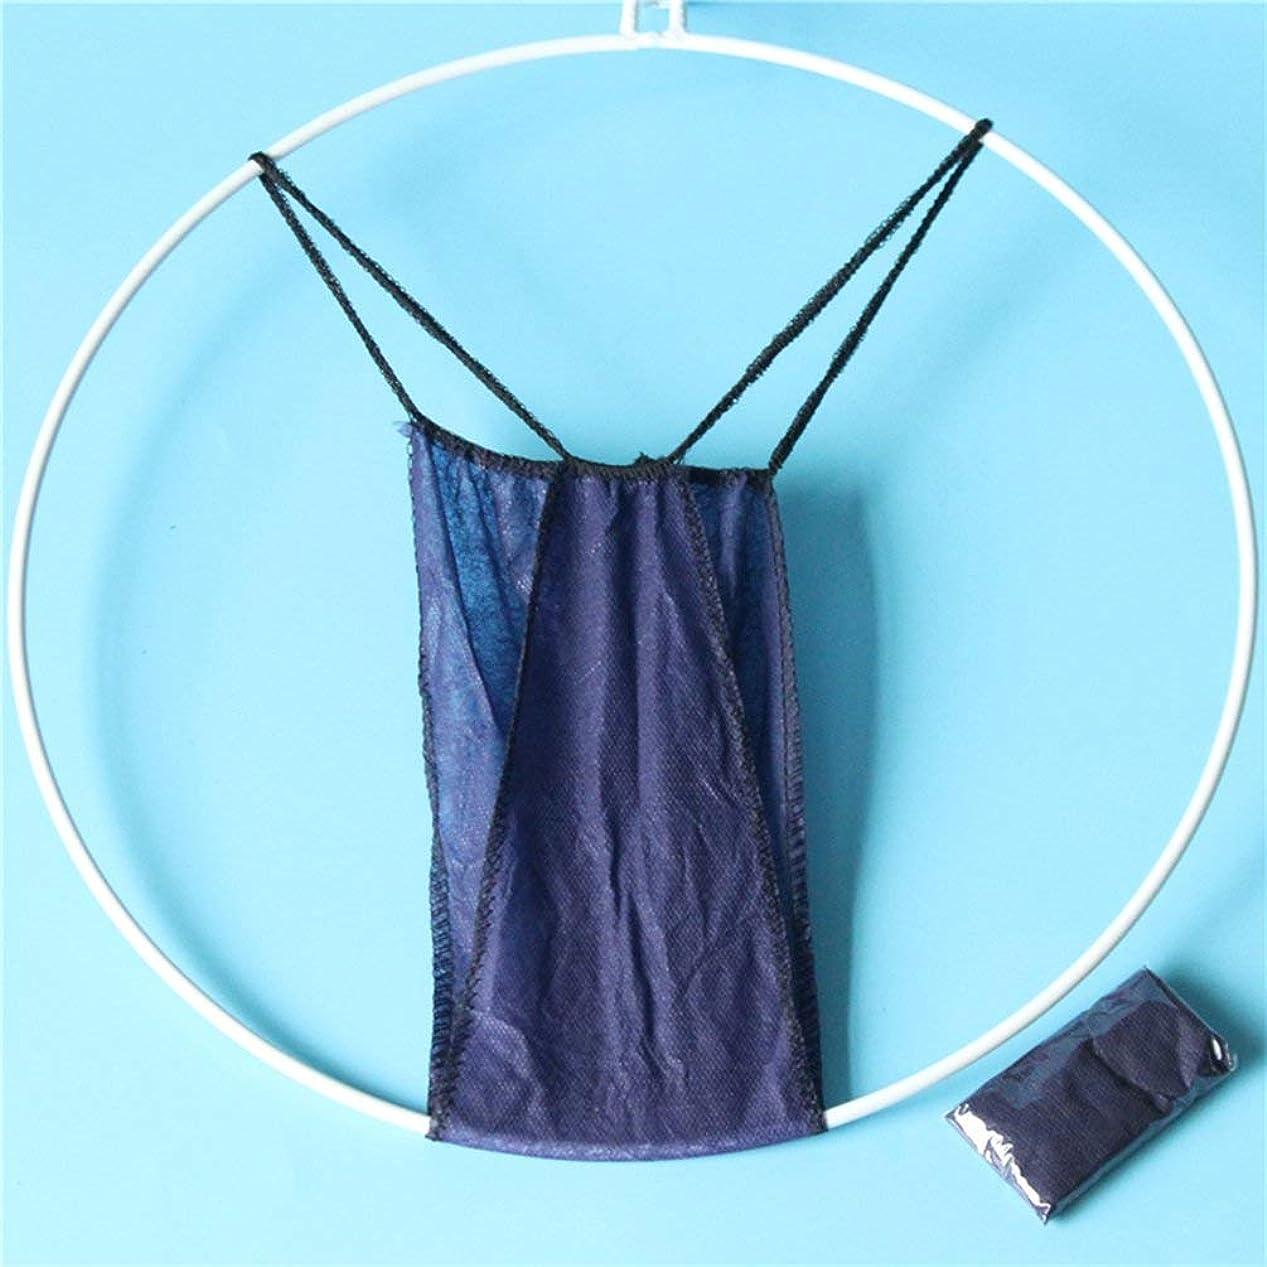 仕様カンガルー触覚不織布使い捨てひも婦人用下着ブリーフTパンツ美容サウナ - 青